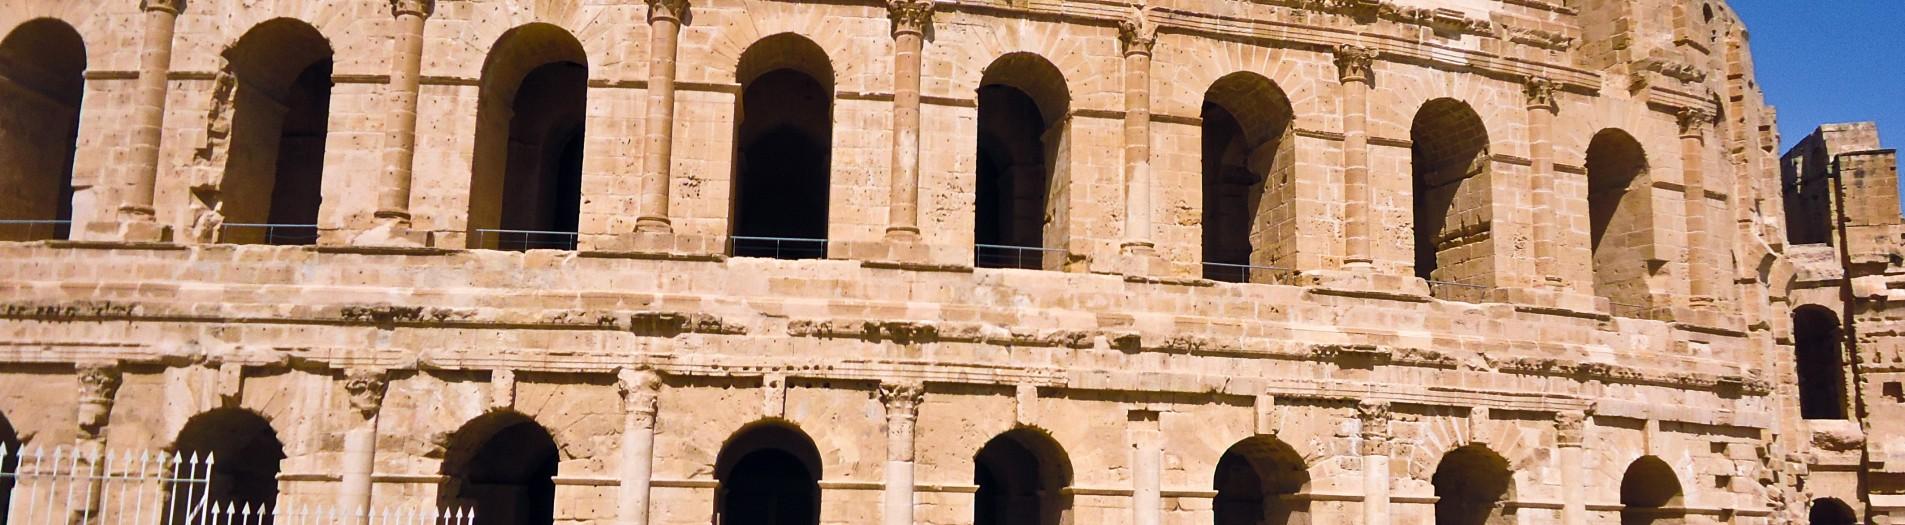 المسرح الروماني بالجم